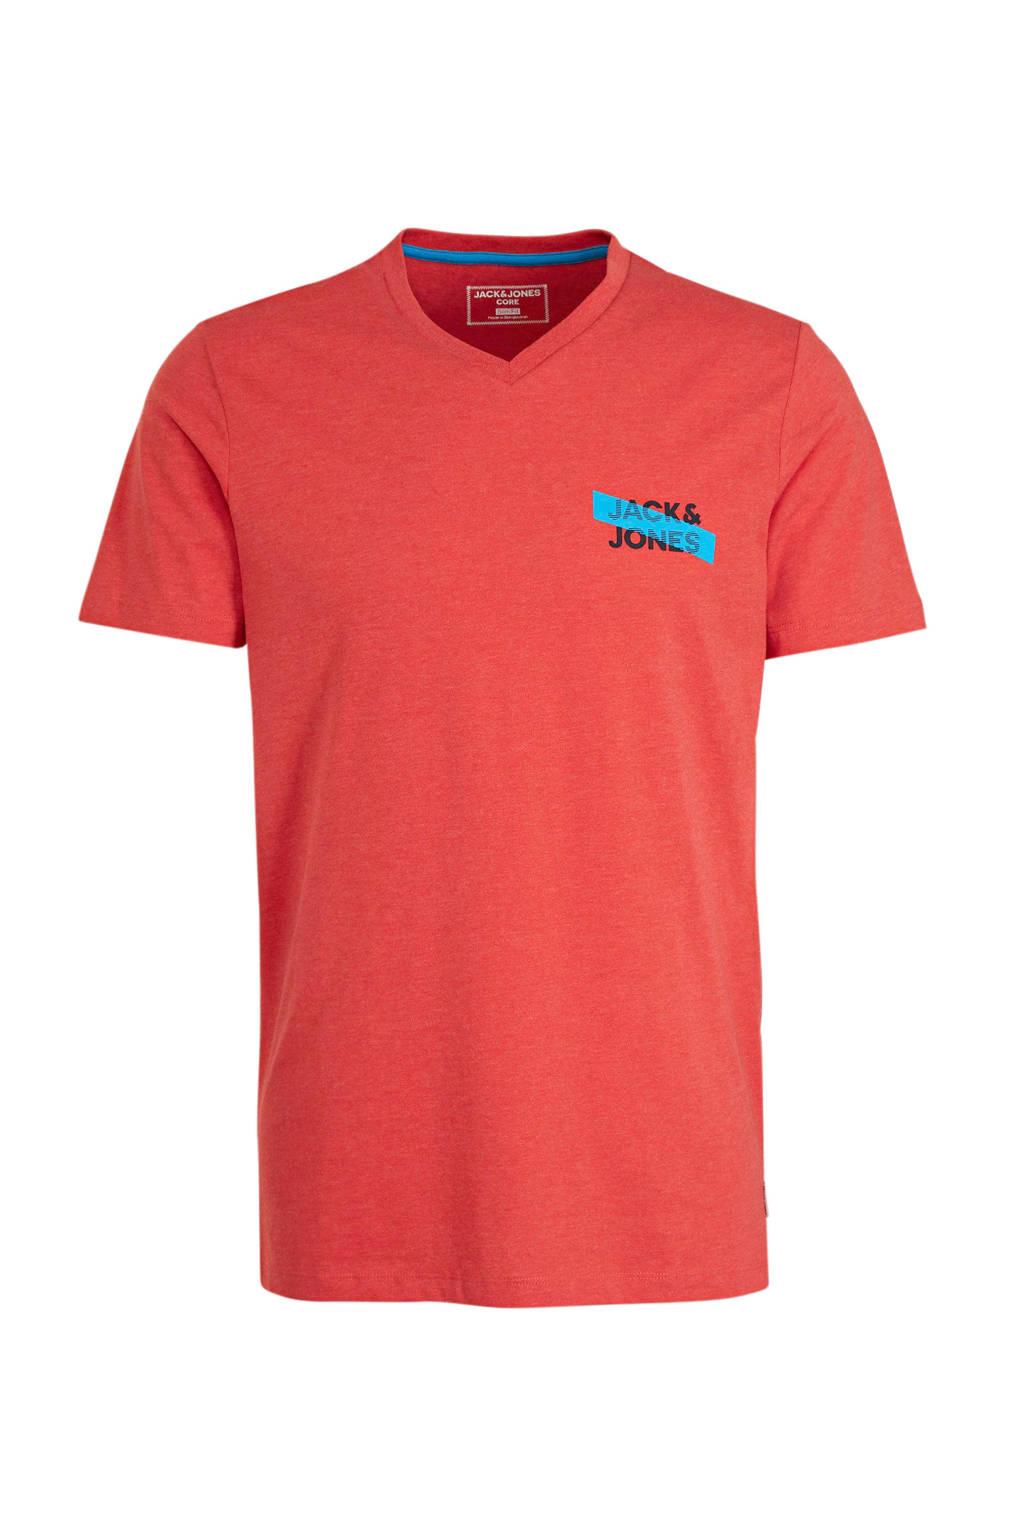 JACK & JONES CORE T-shirt met logo rood, Rood